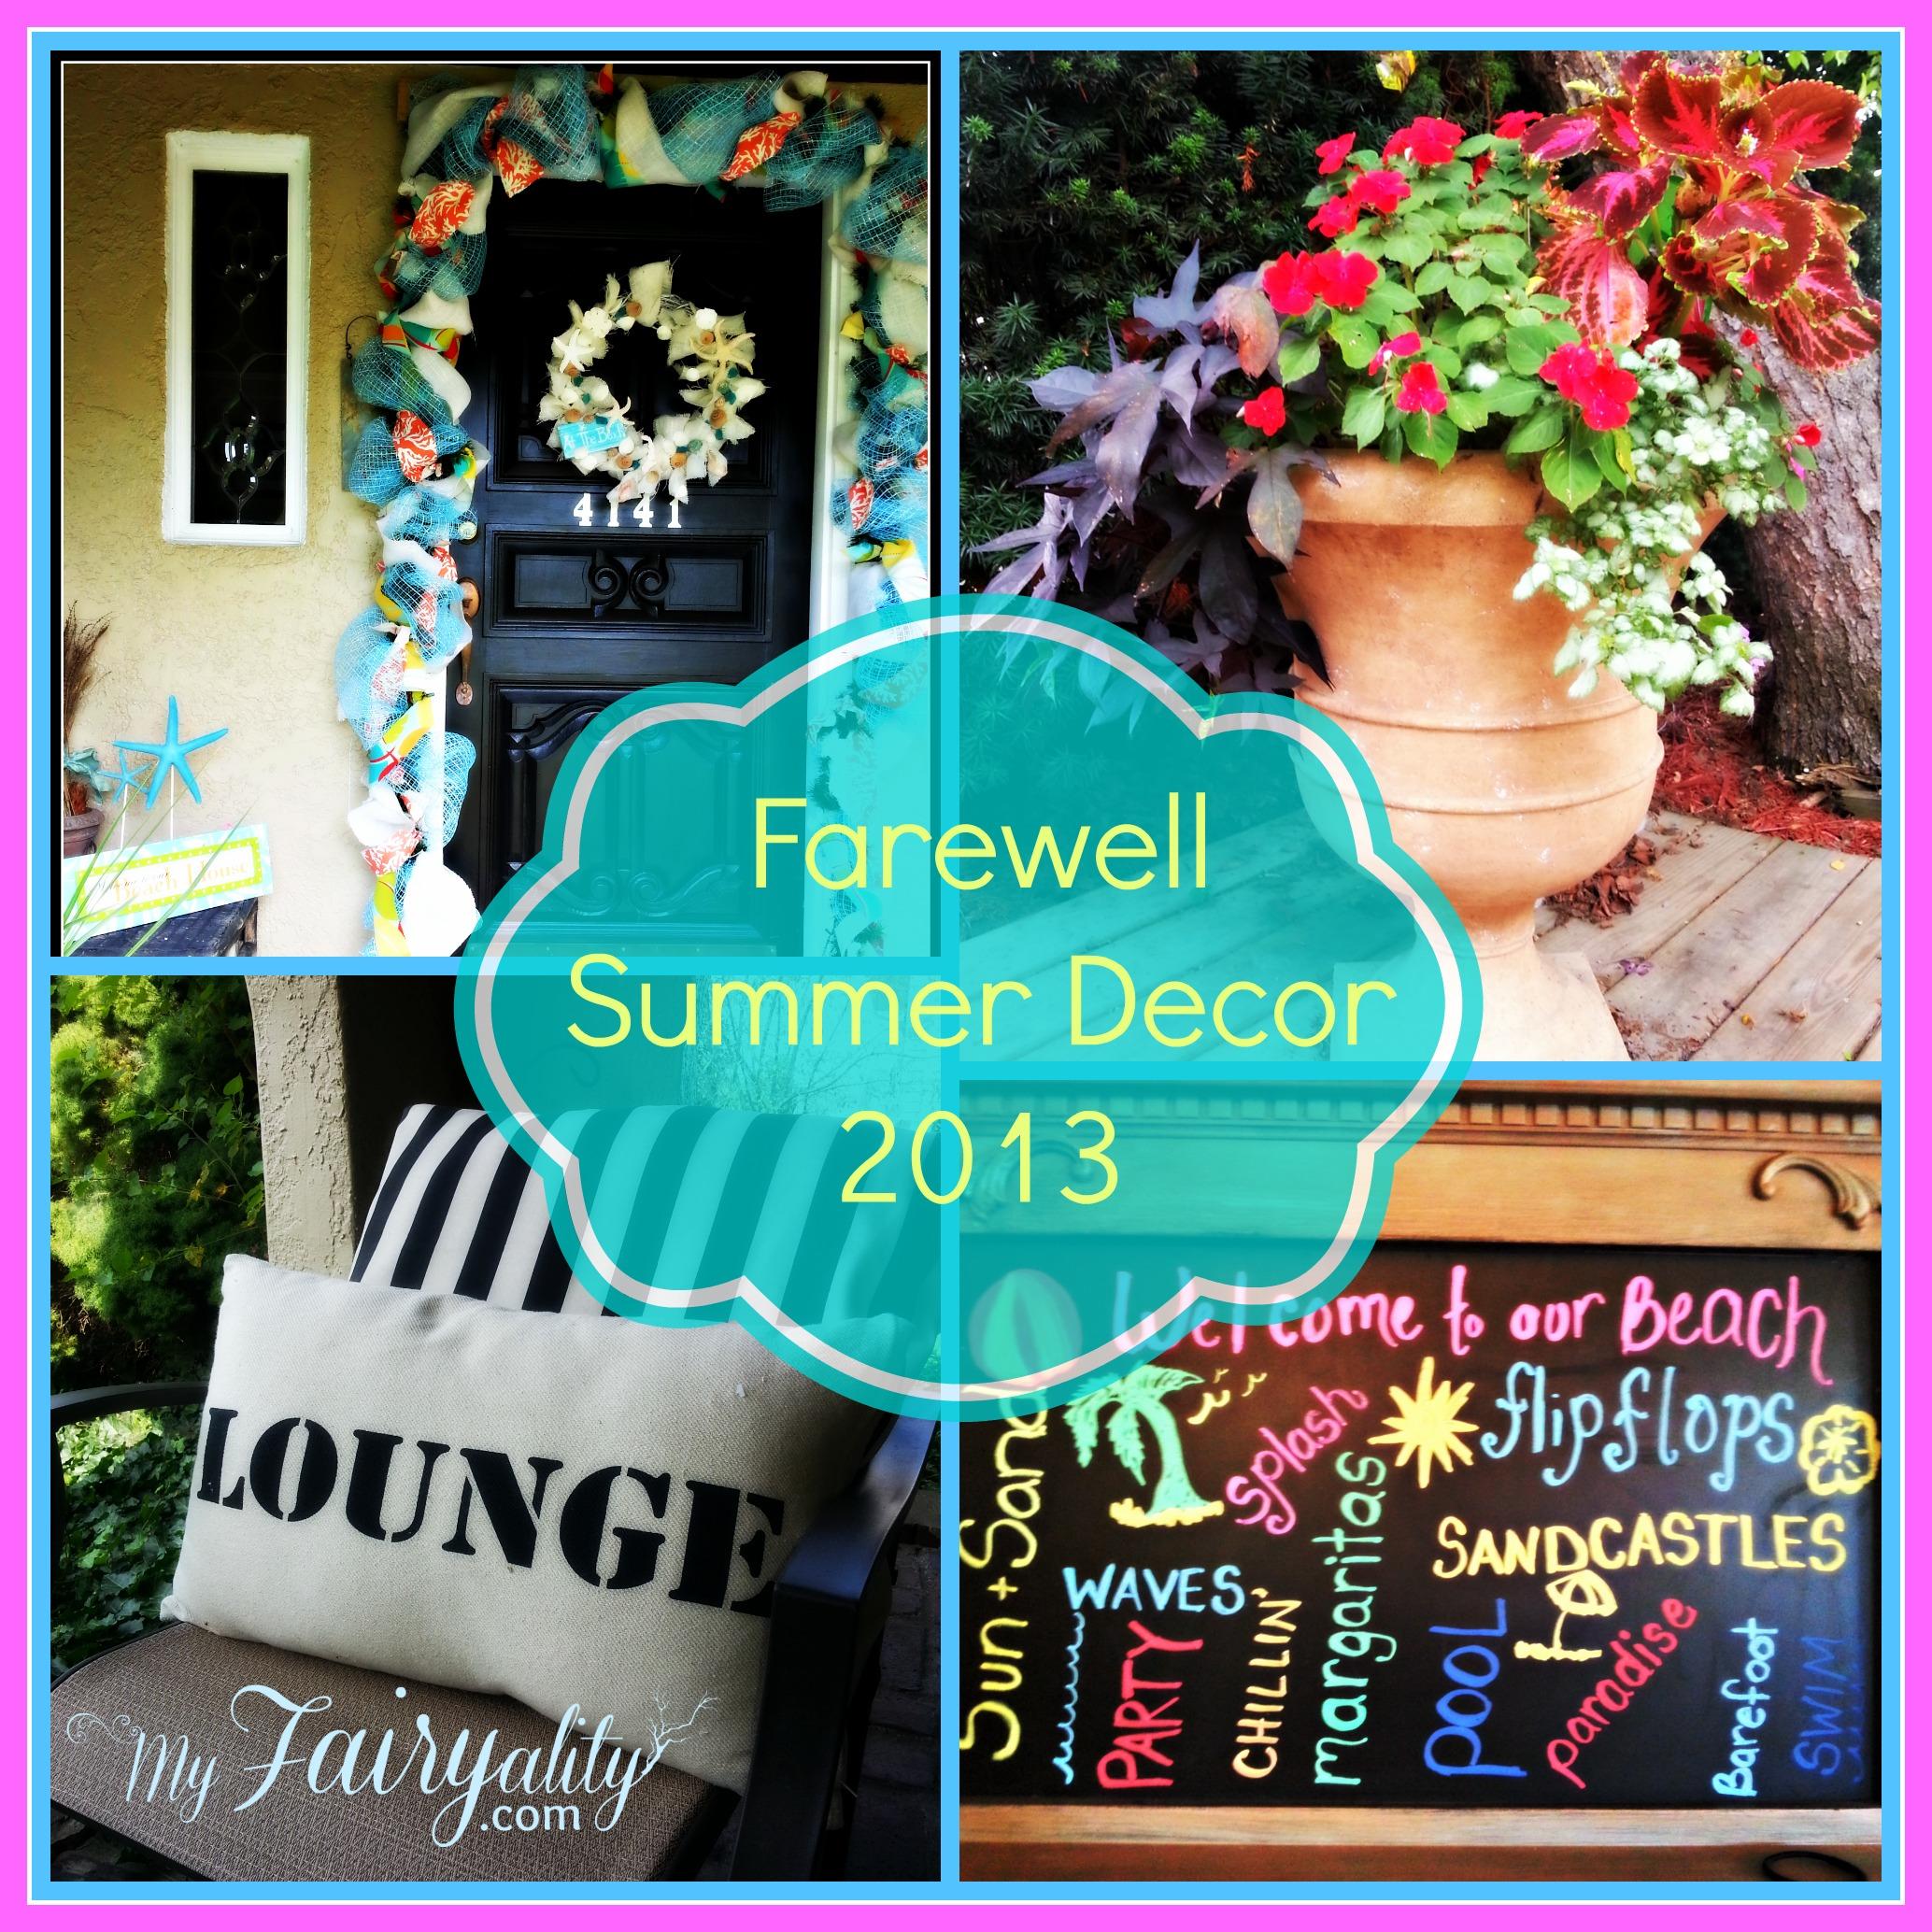 Farewell Summer 2013